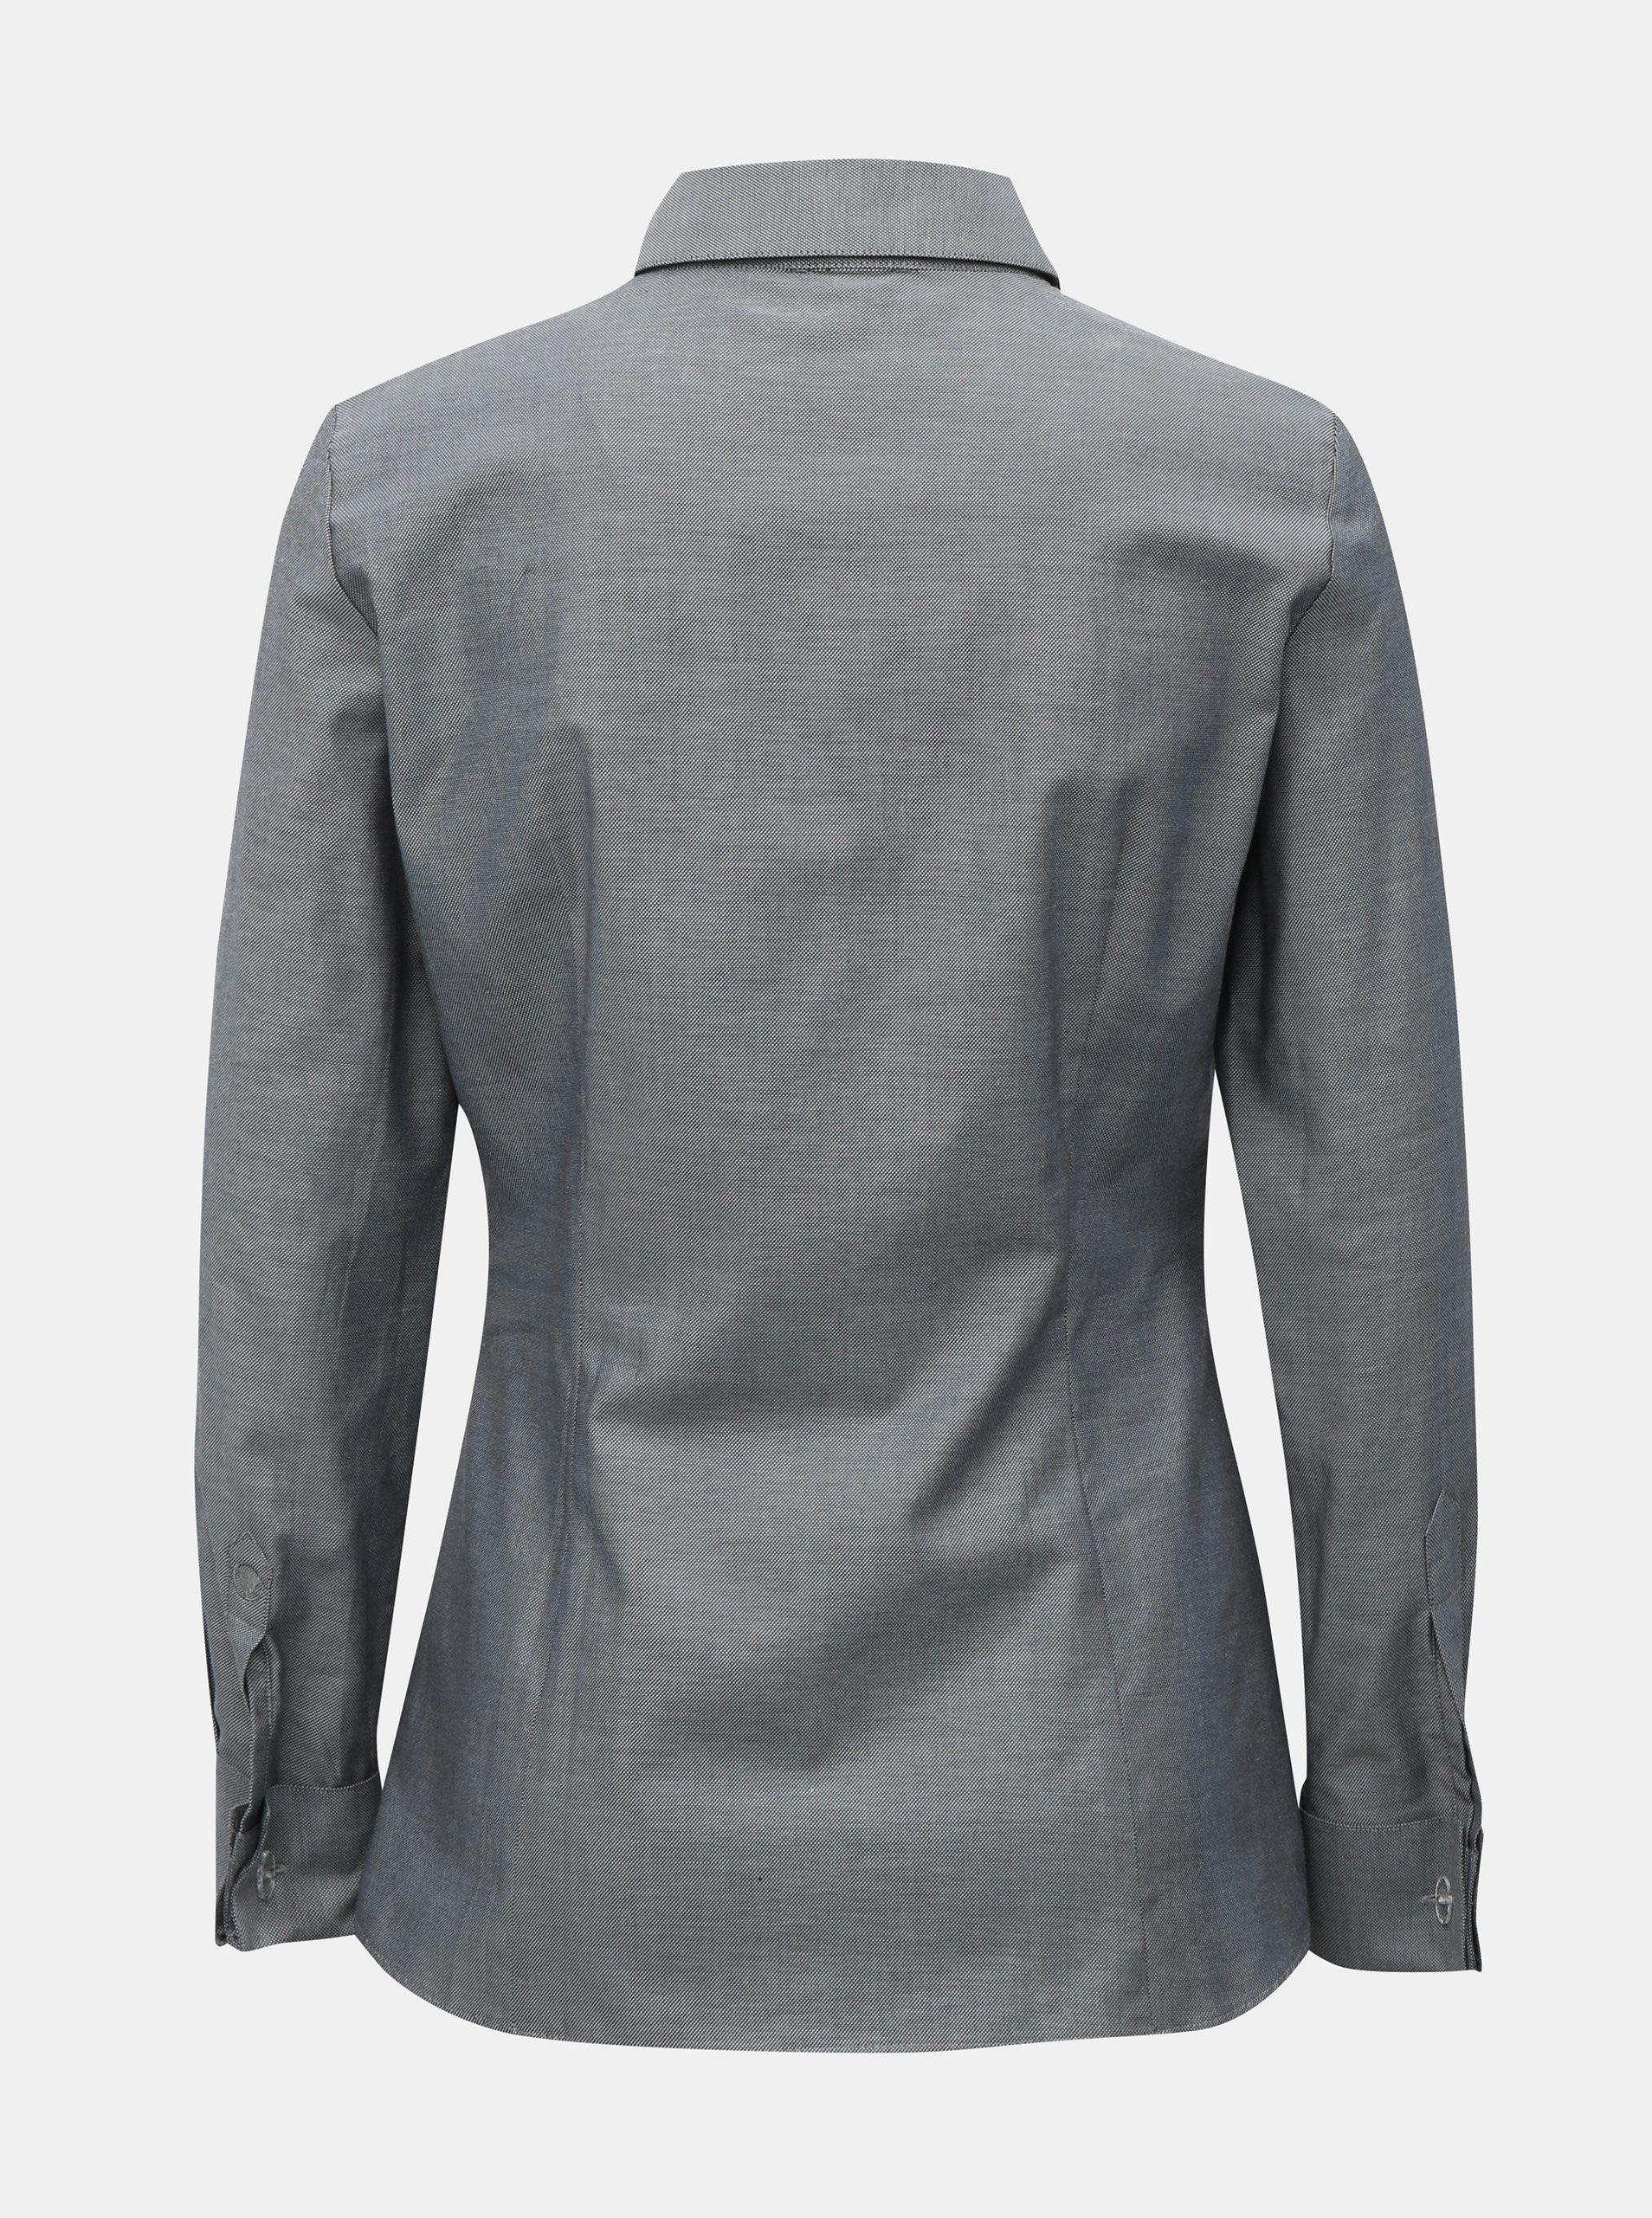 ba6cb95975c Šedá dámská košile s manžetovými knoflíky VAVI ...